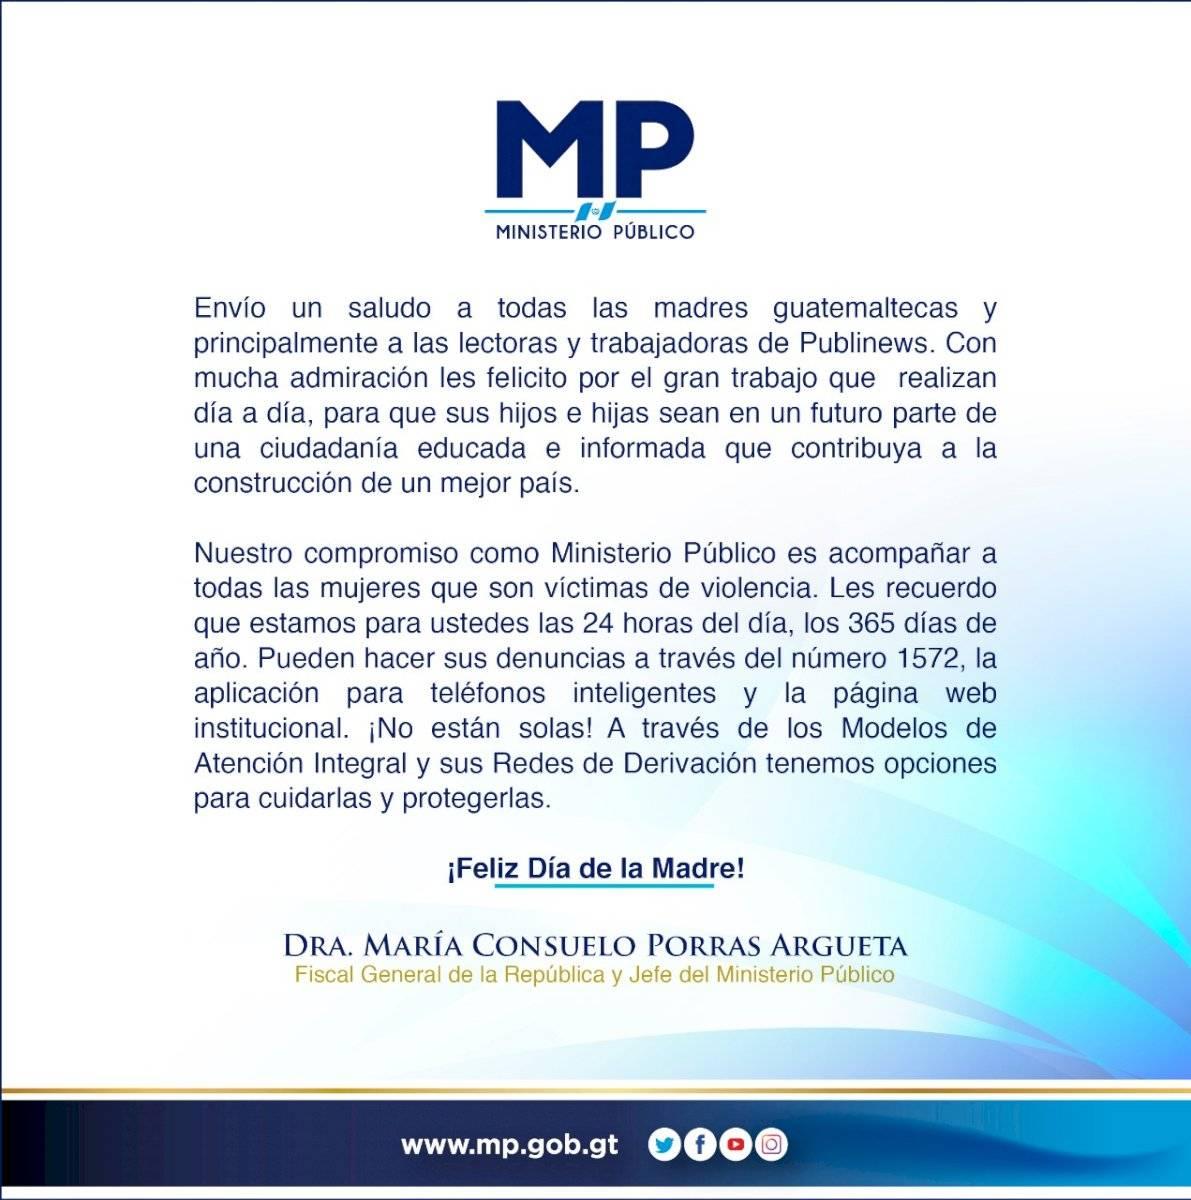 MP saludo Consuelo Porras